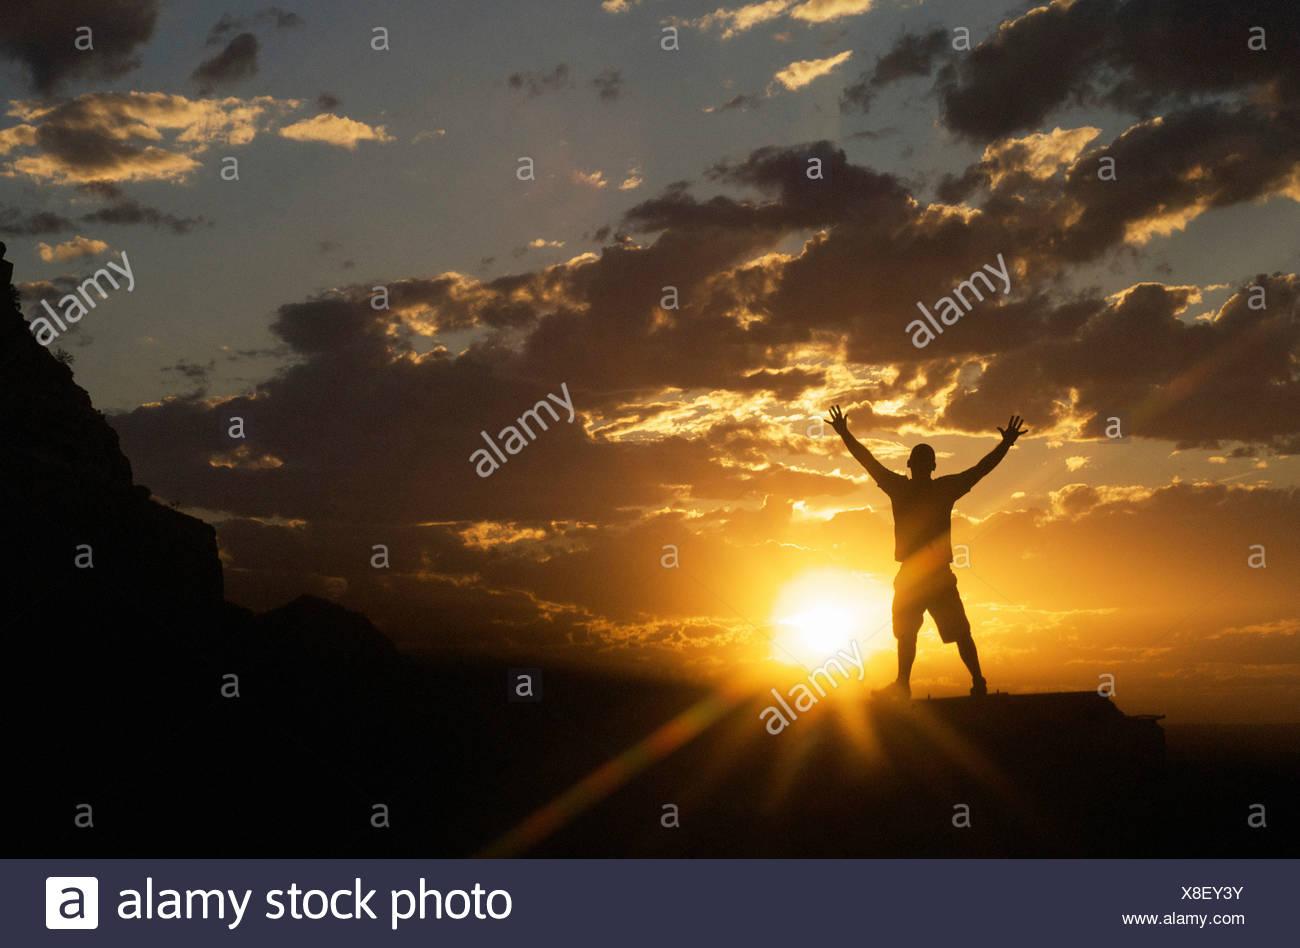 die Natur Landschaft und inspirierende Konzepte: Silhouette des Menschen feiern die dramatischen Sonnenuntergang Himmel stehend Arme weit gespreizt Stockbild